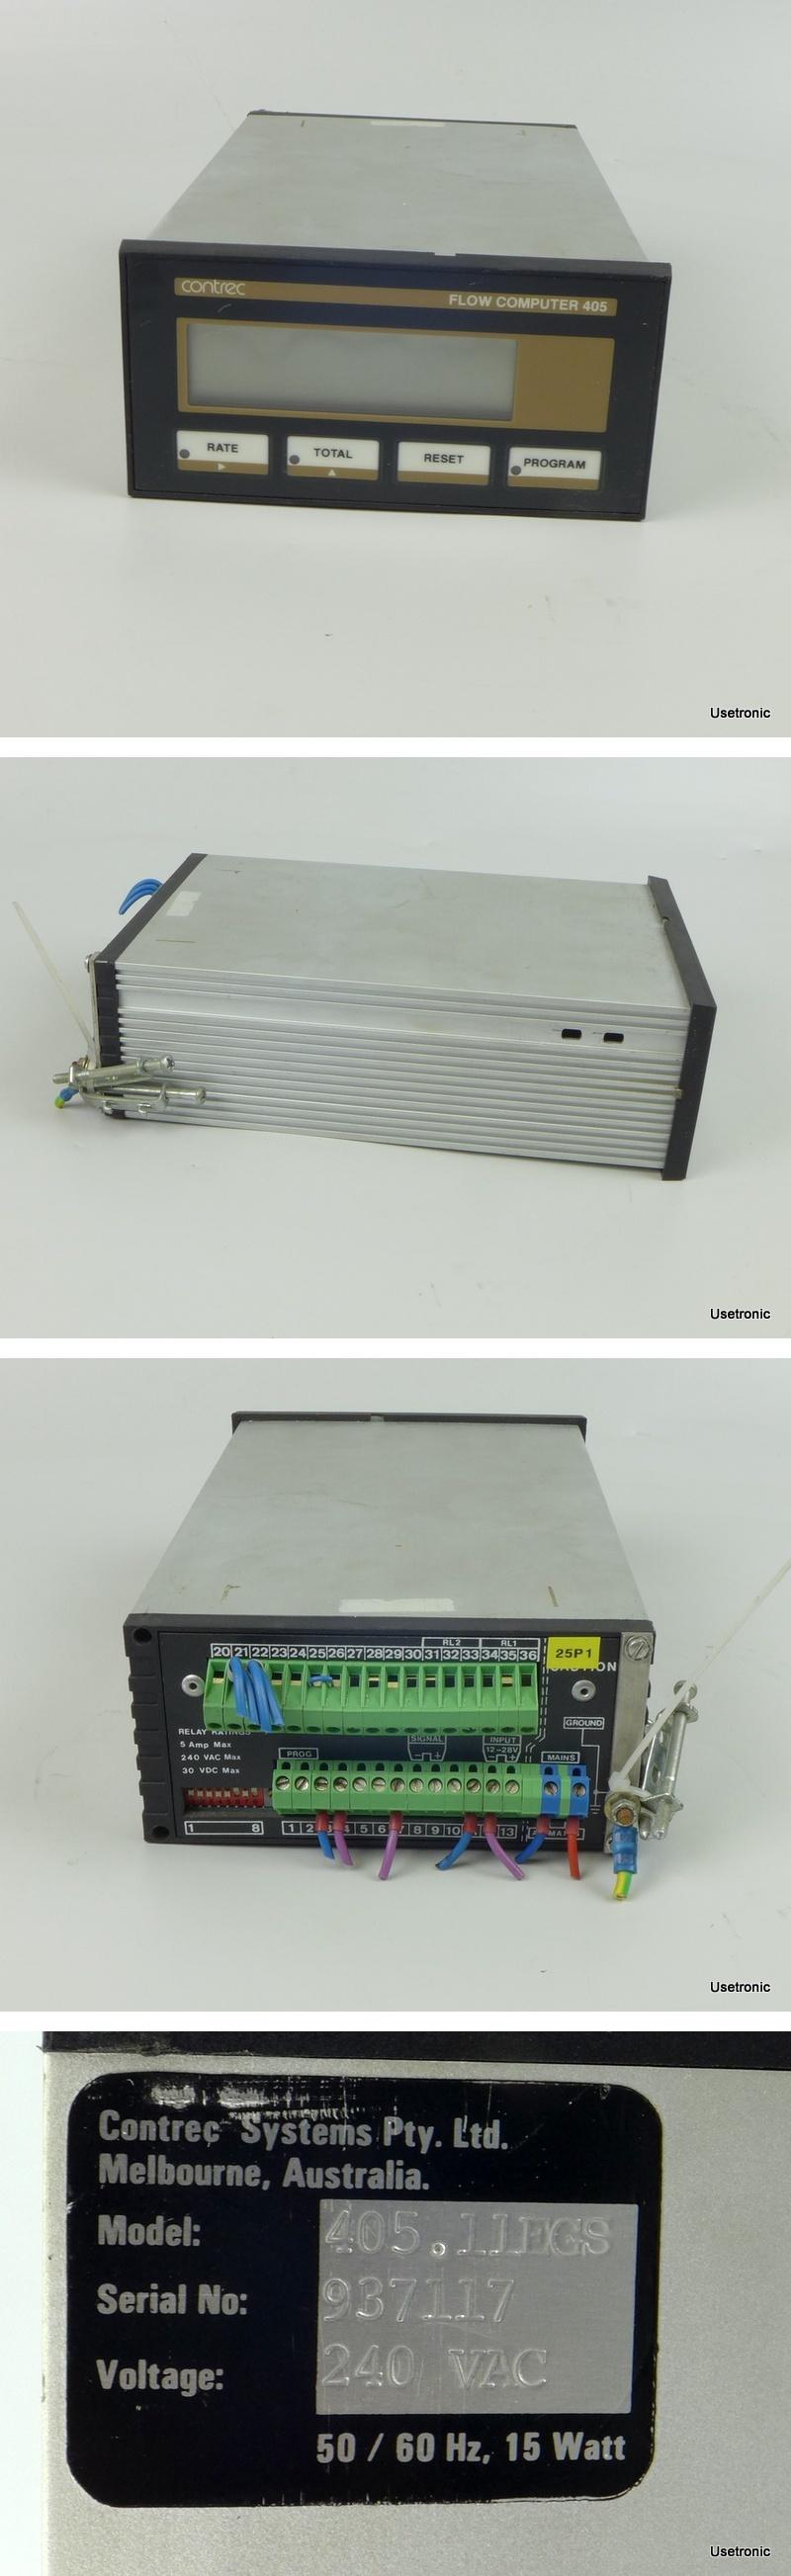 Contrec Flow Computer 405